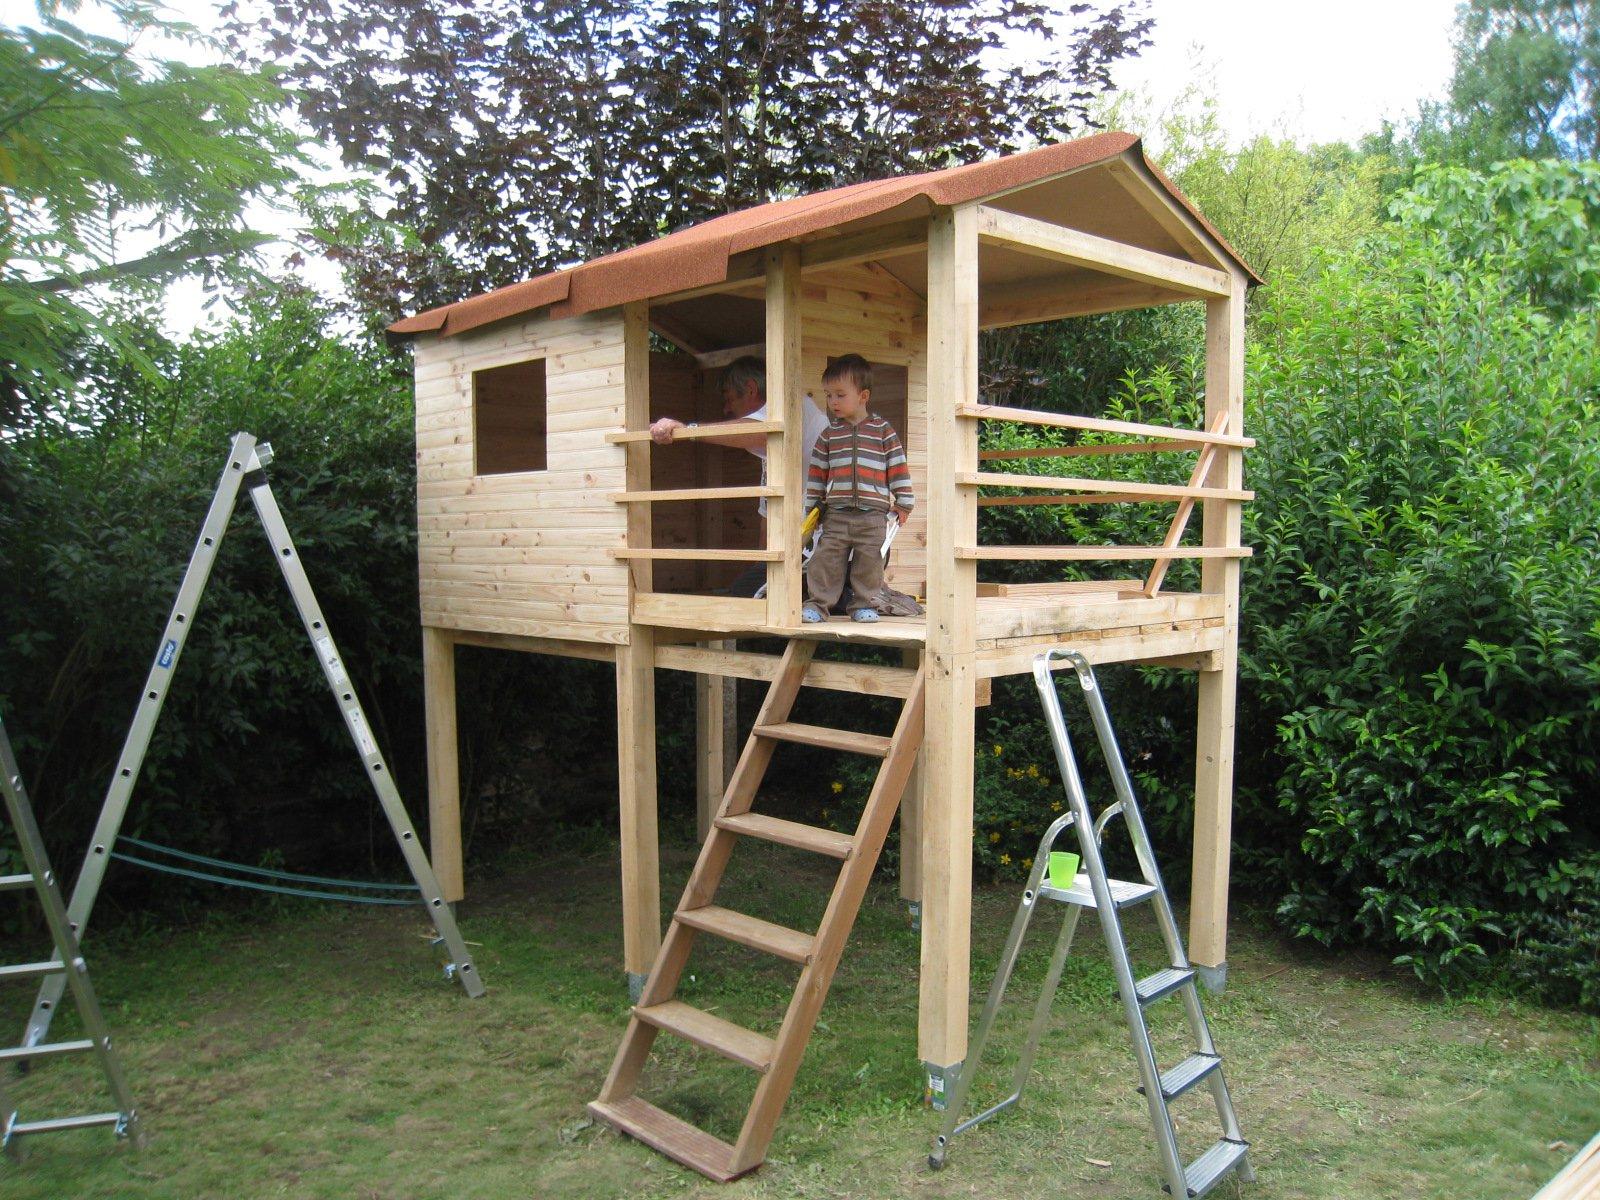 Construire Soi Meme Une Cabane En Bois faire une cabane enfant soi même, des idées ? - mamans